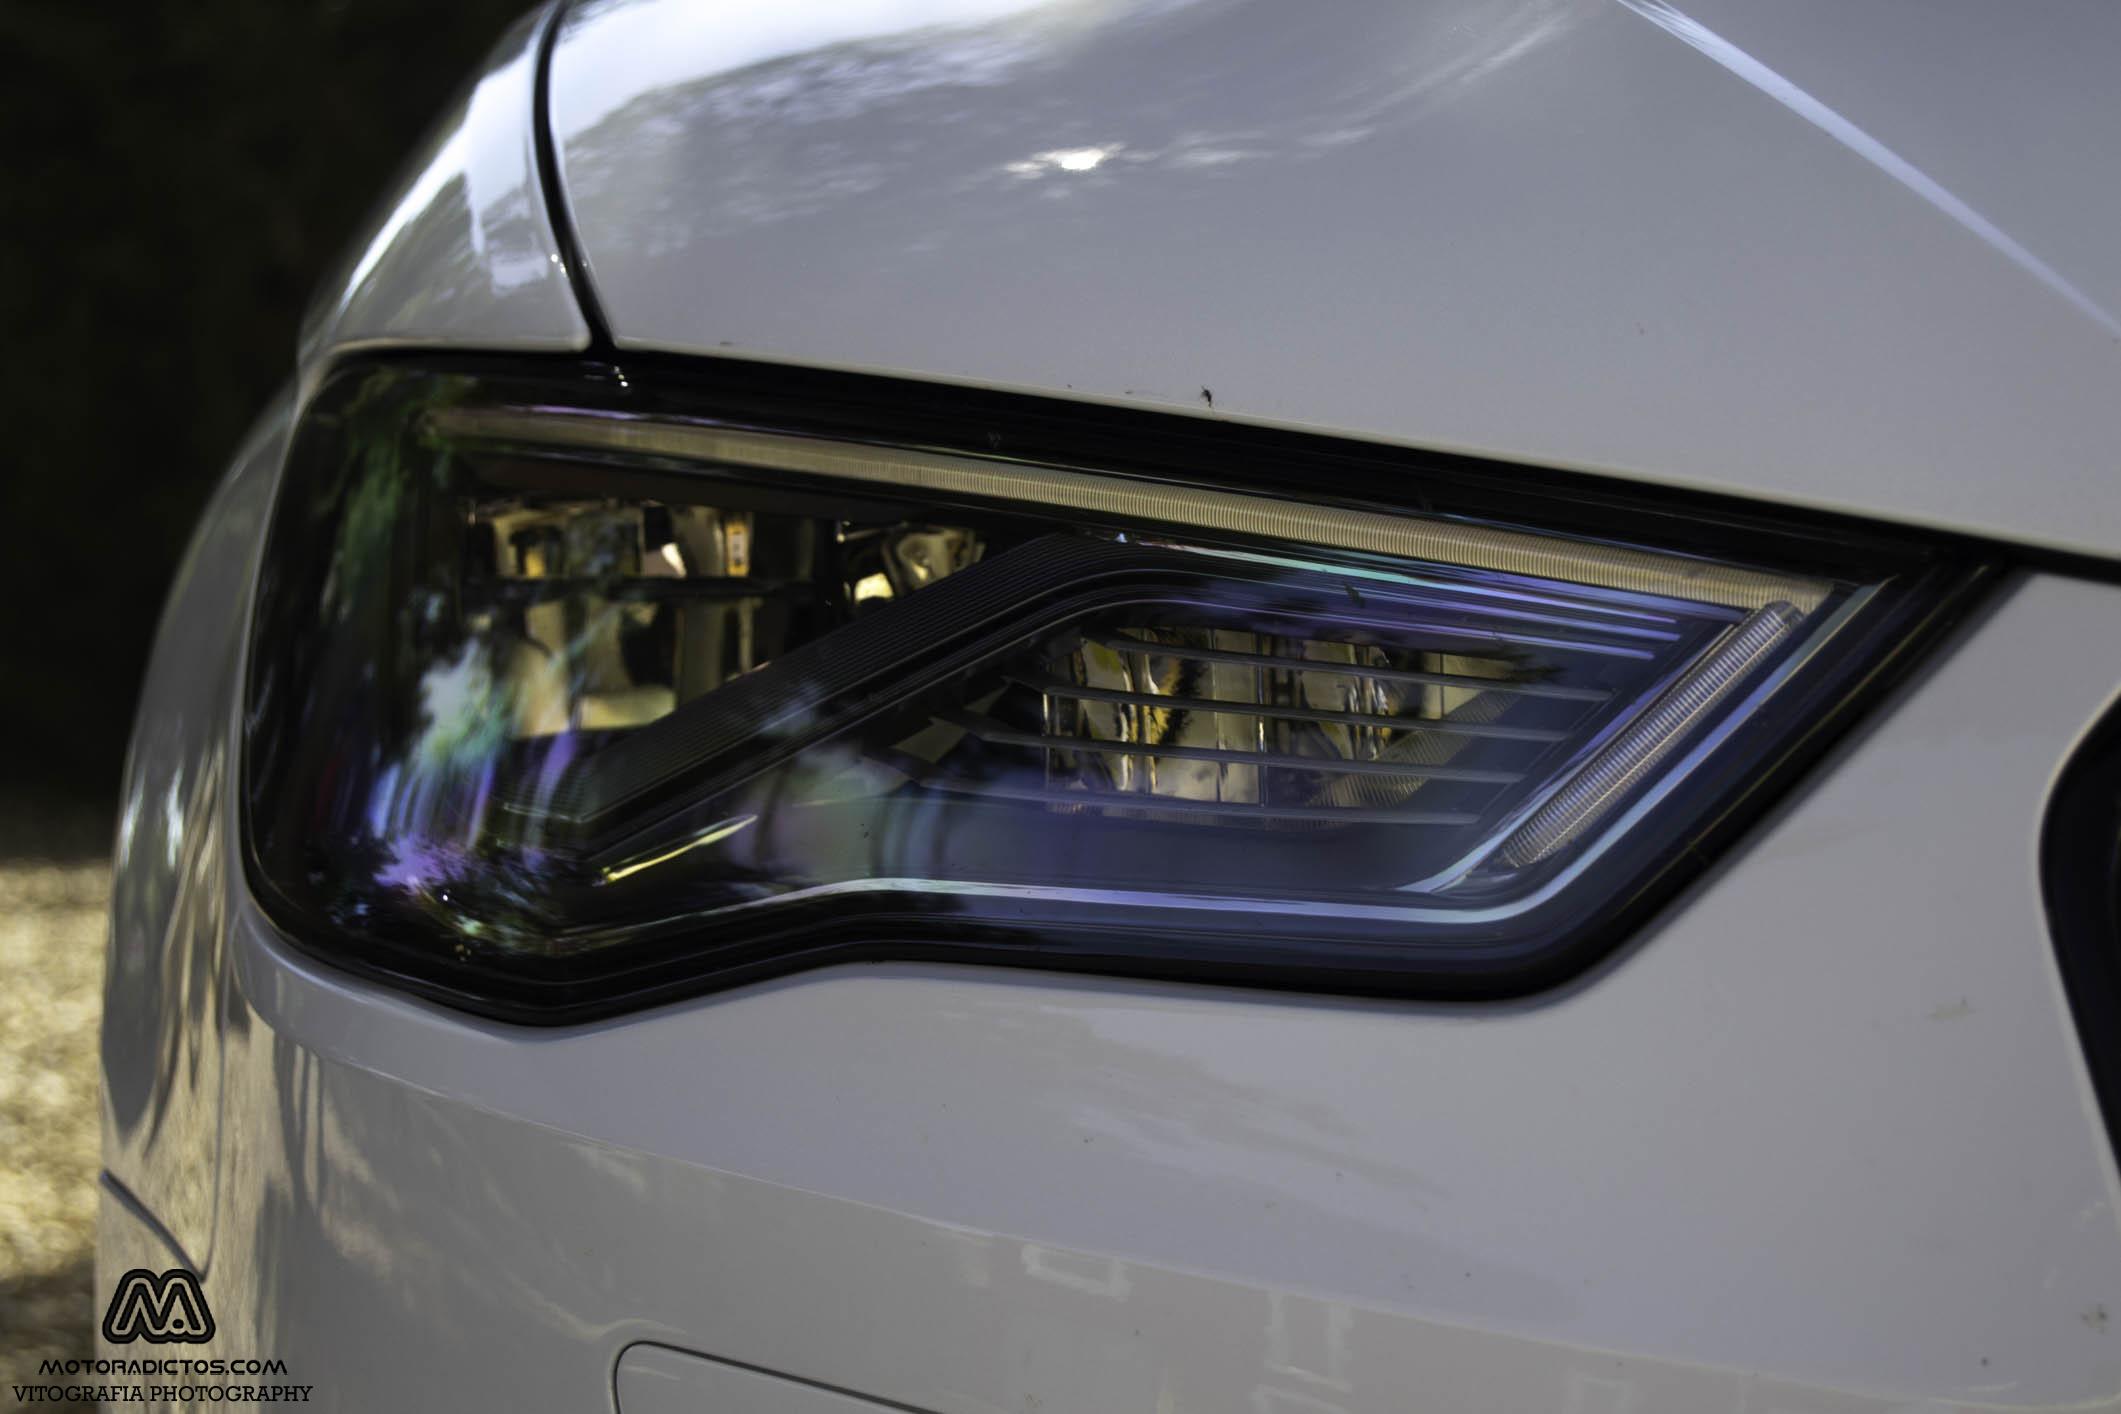 Prueba: Audi A3 1.6 TDI Ultra 110 CV (equipamiento, comportamiento, conclusión) 3